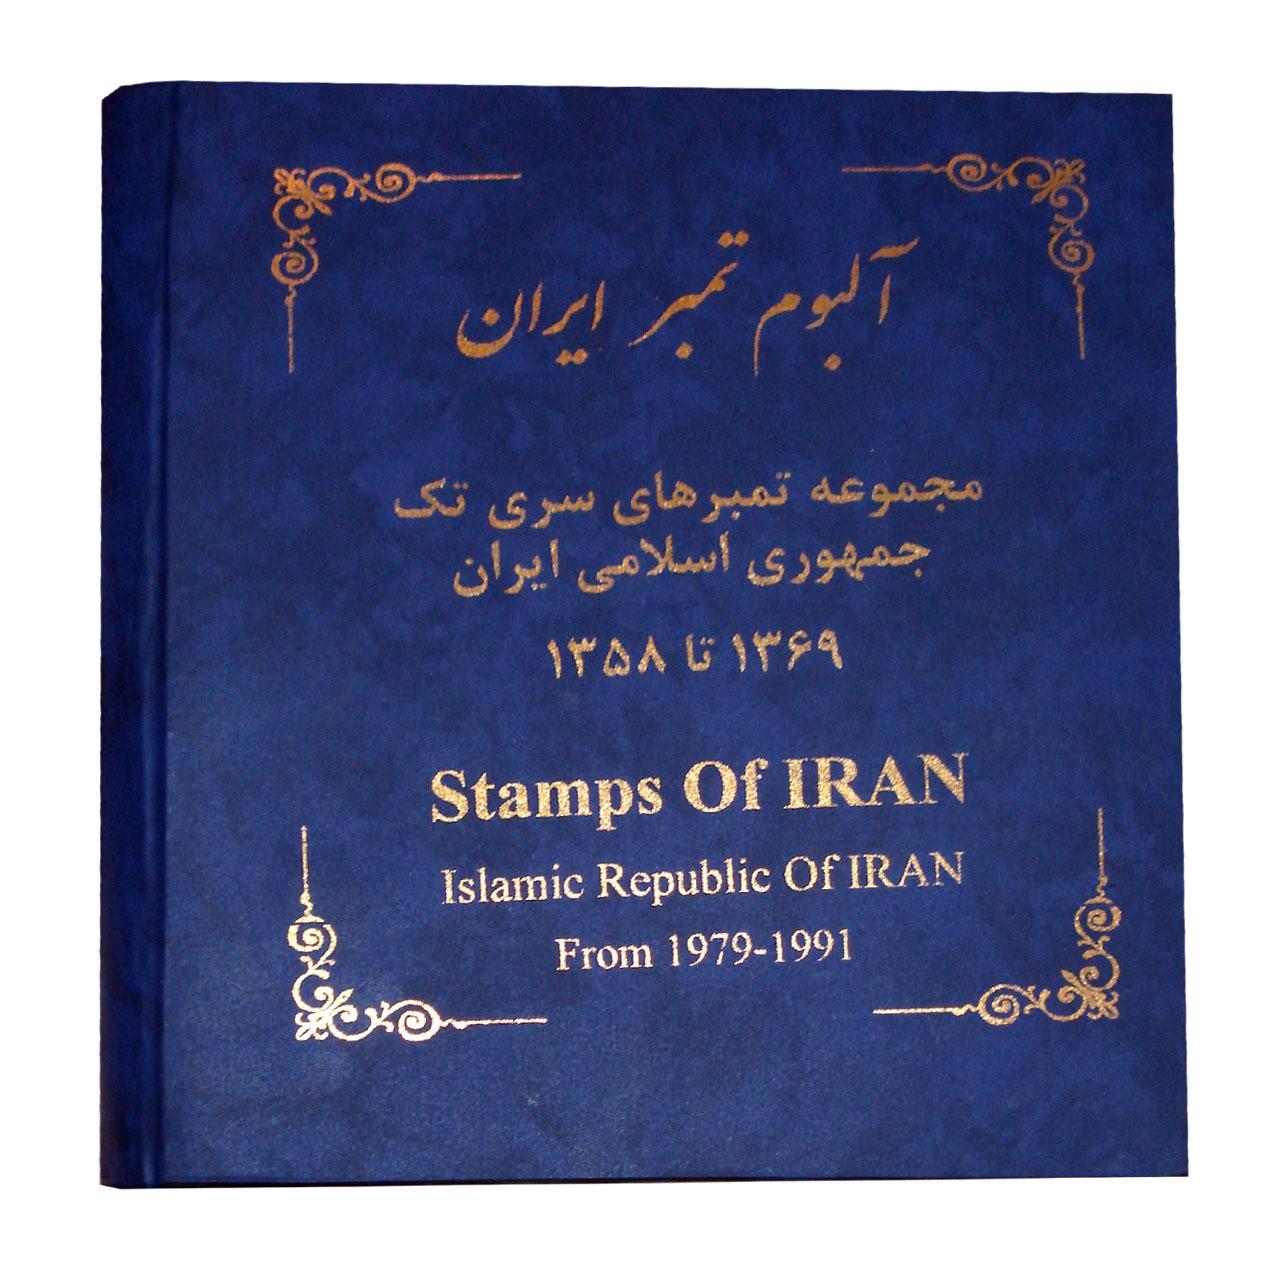 آلبوم تمبر ایران مدل 1358 تا 1369